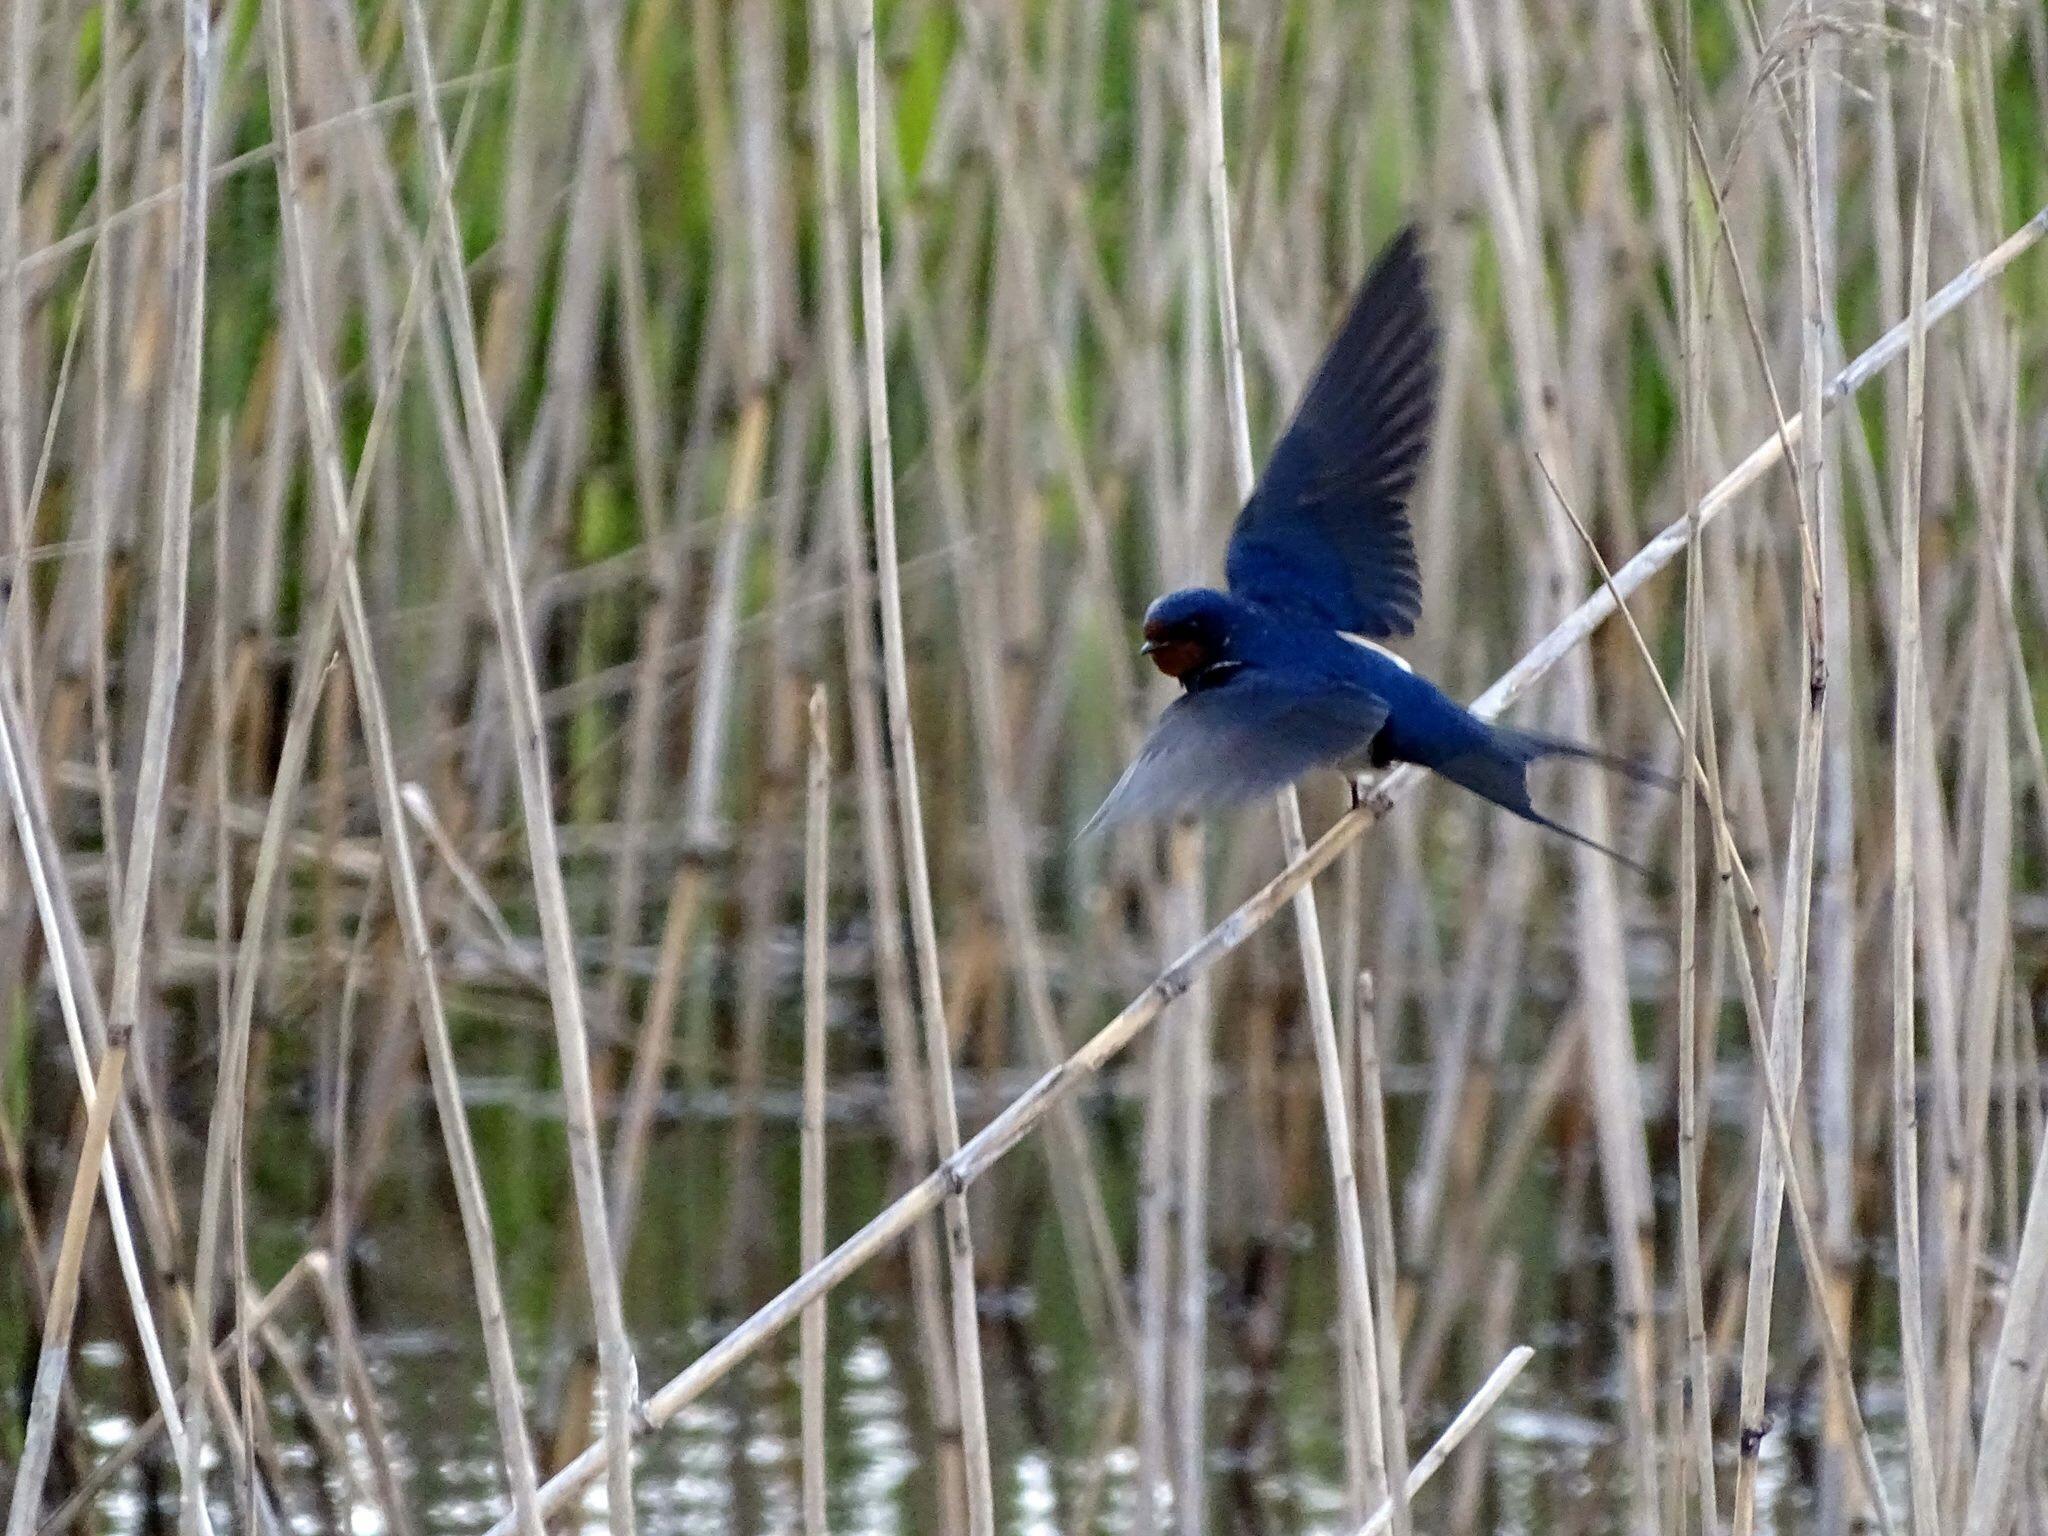 Flying Swallow by missjoy86